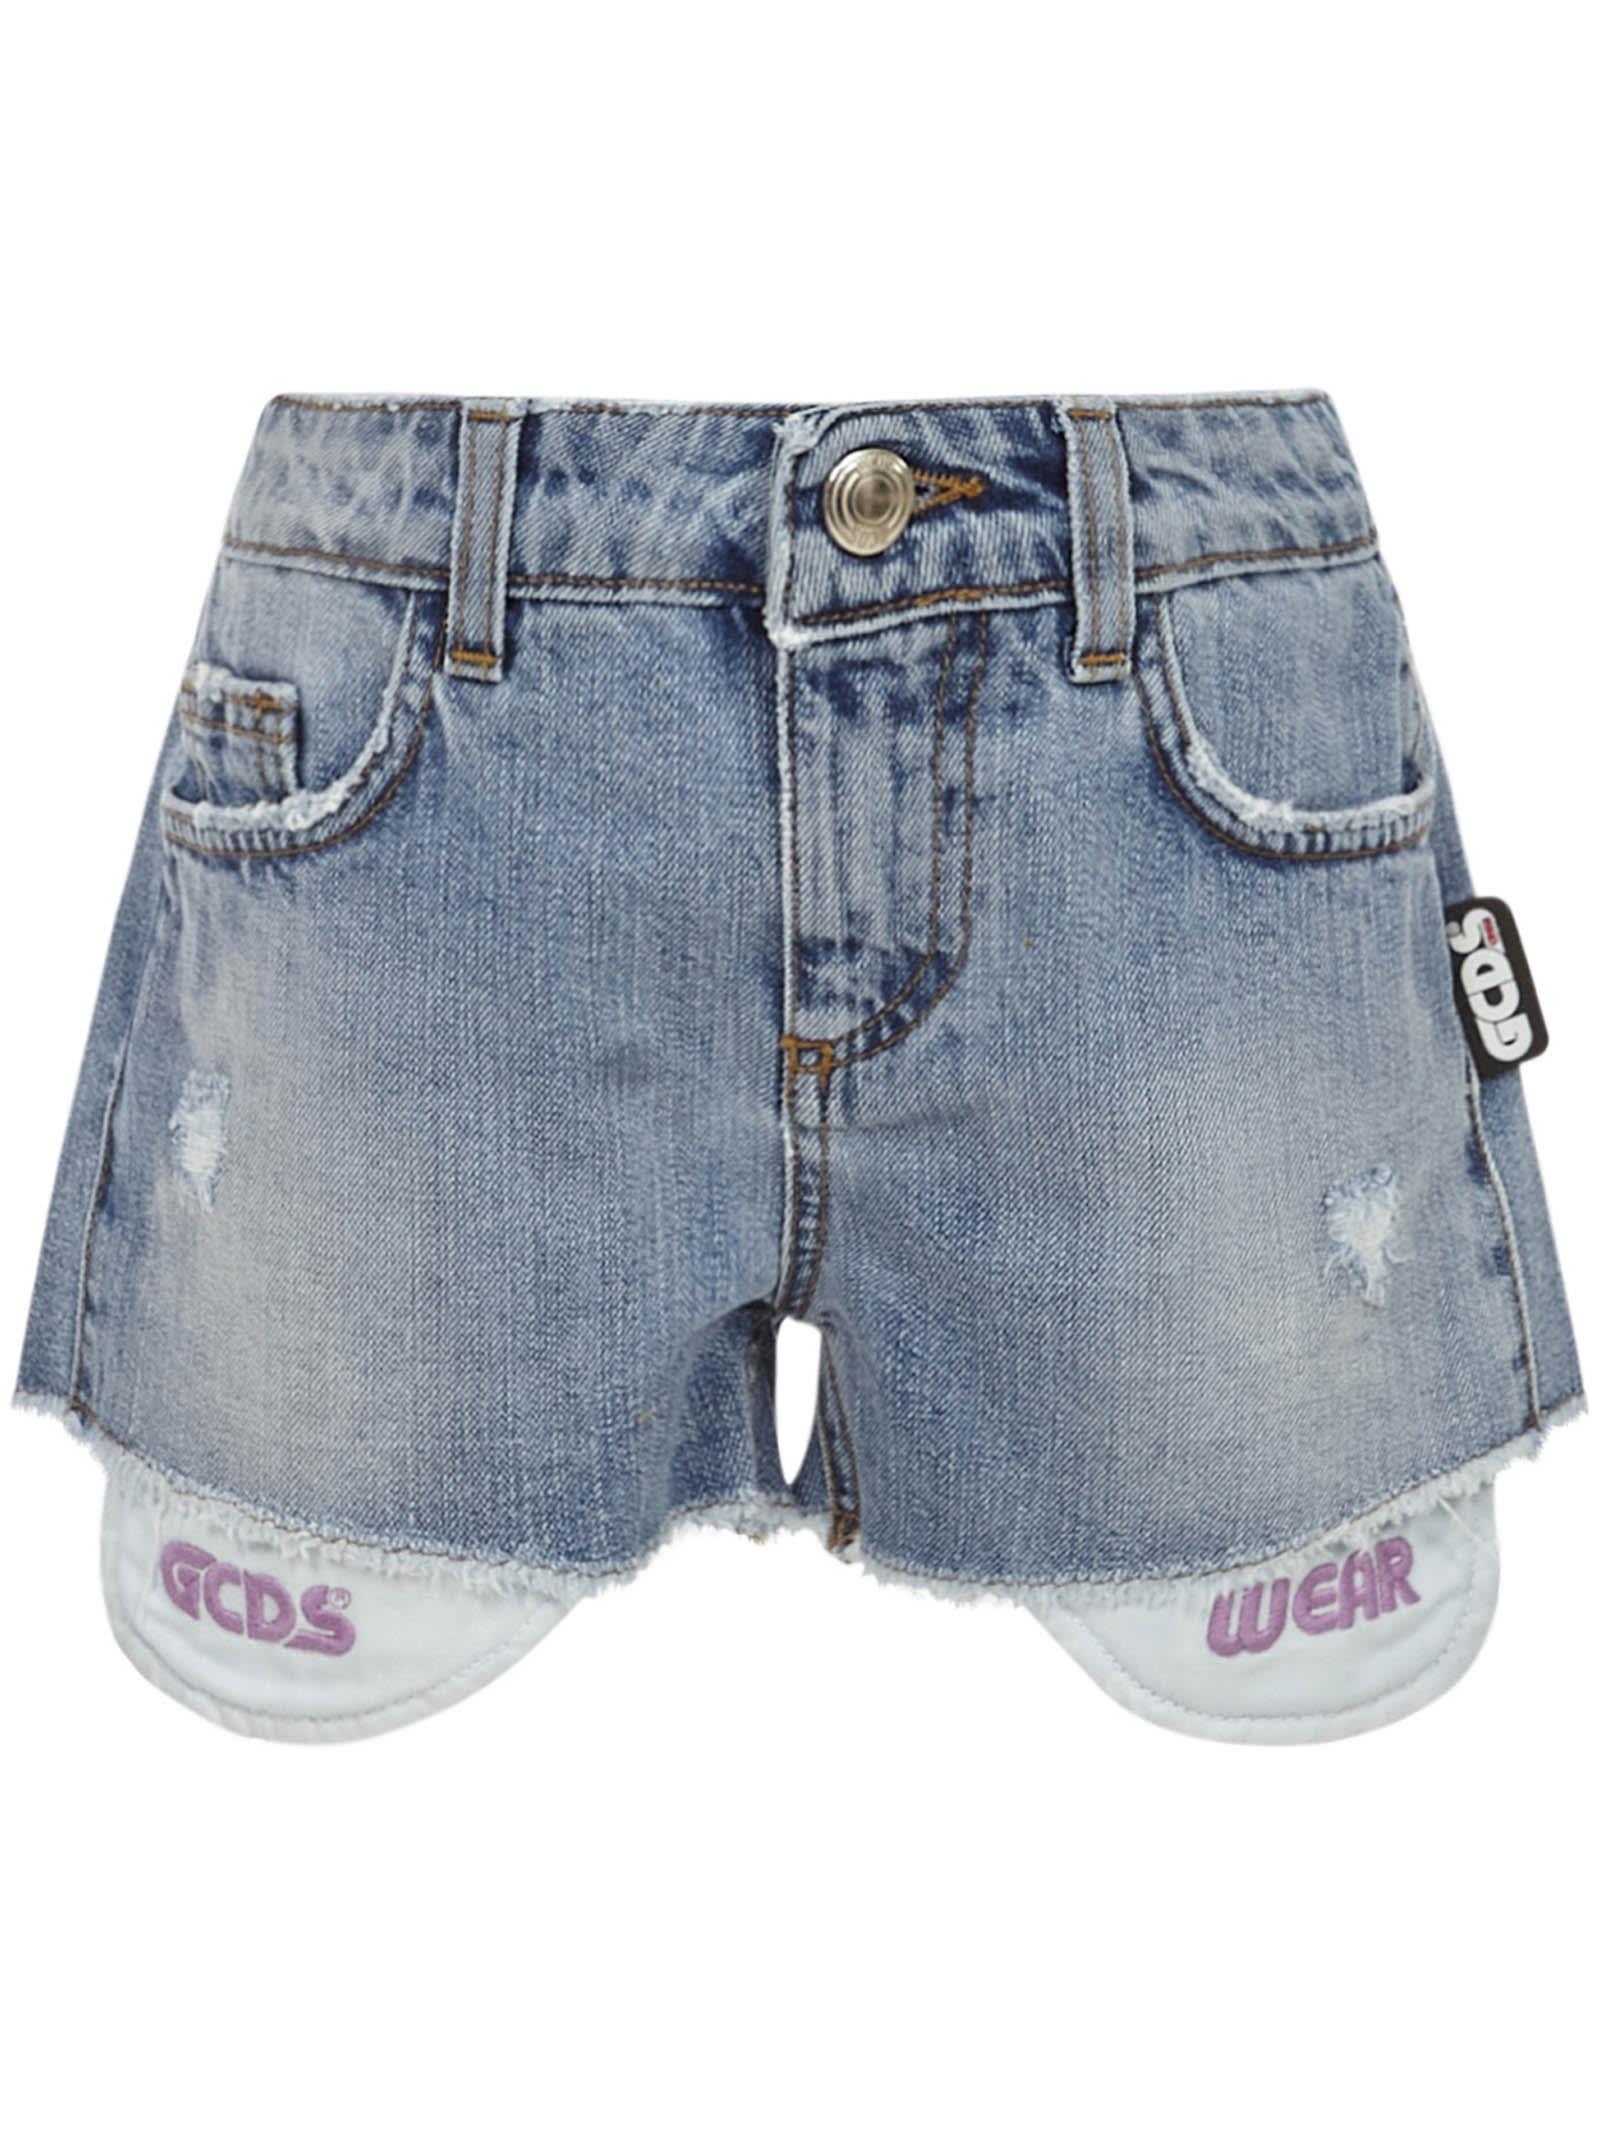 Gcds Mini Shorts GCDS KIDS SHORTS